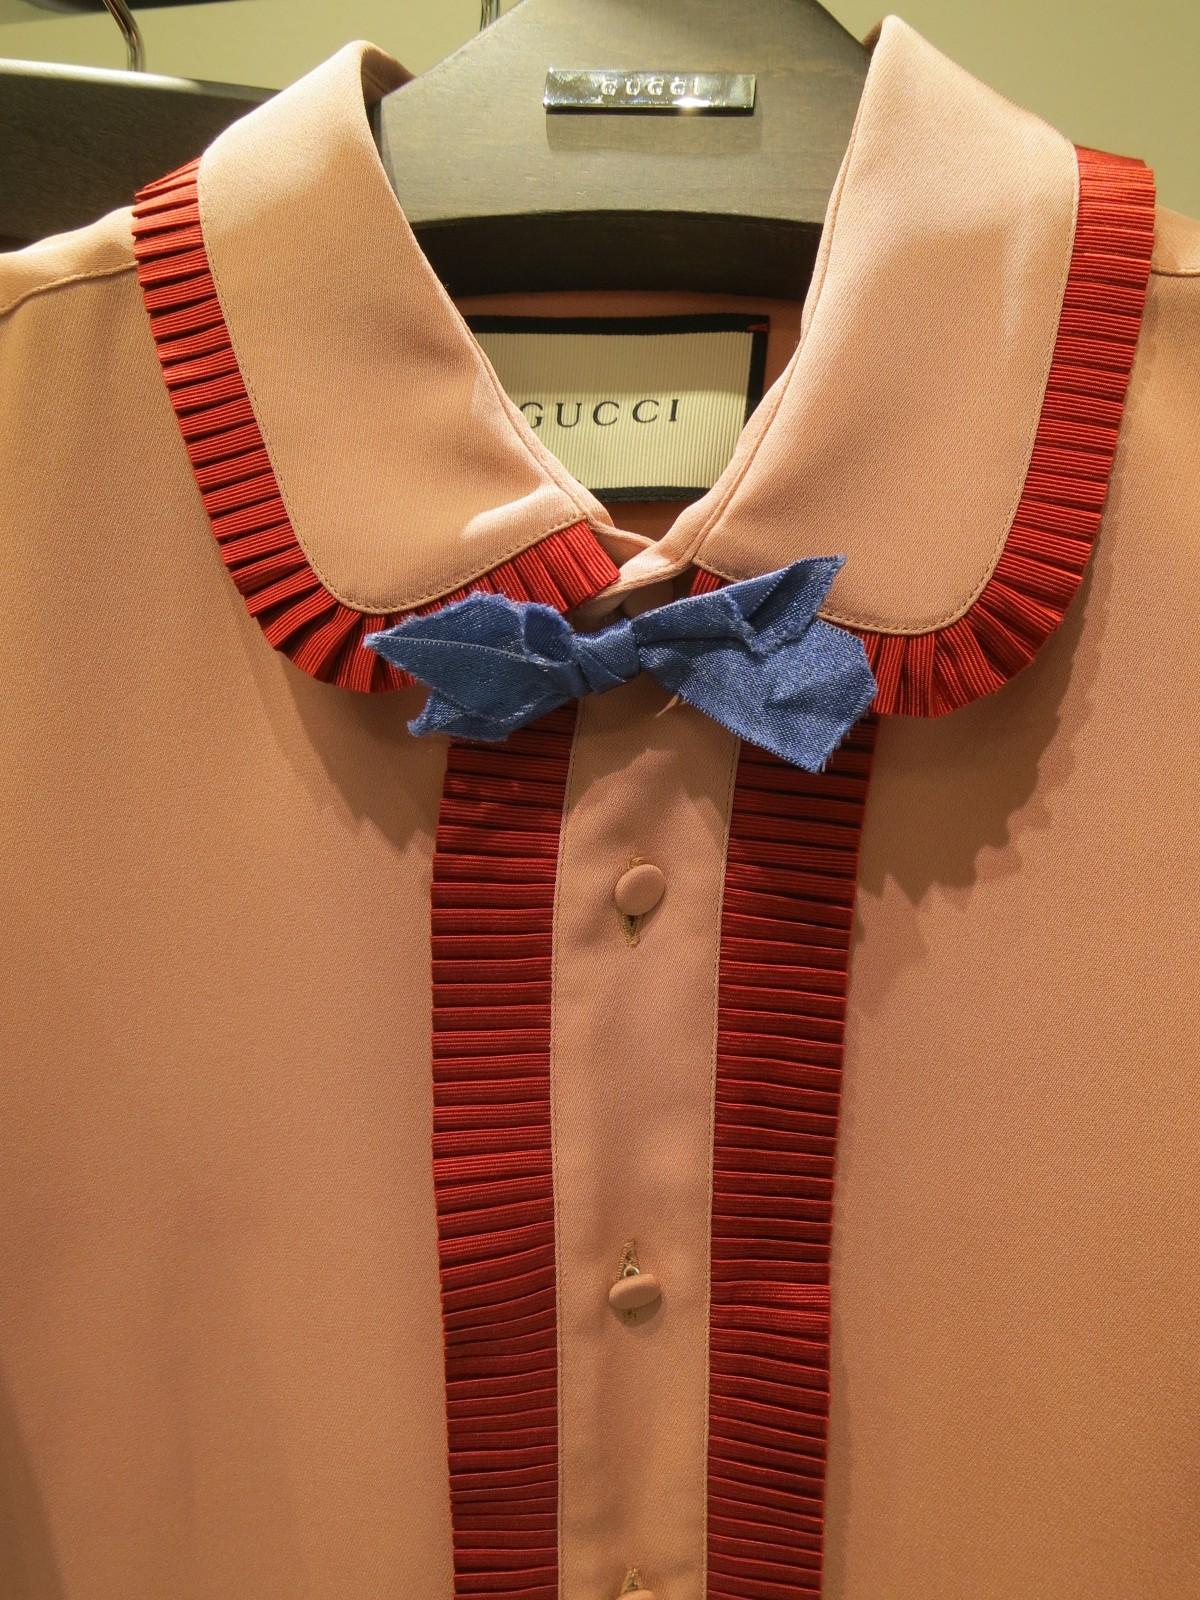 Gucci SS16 shirt